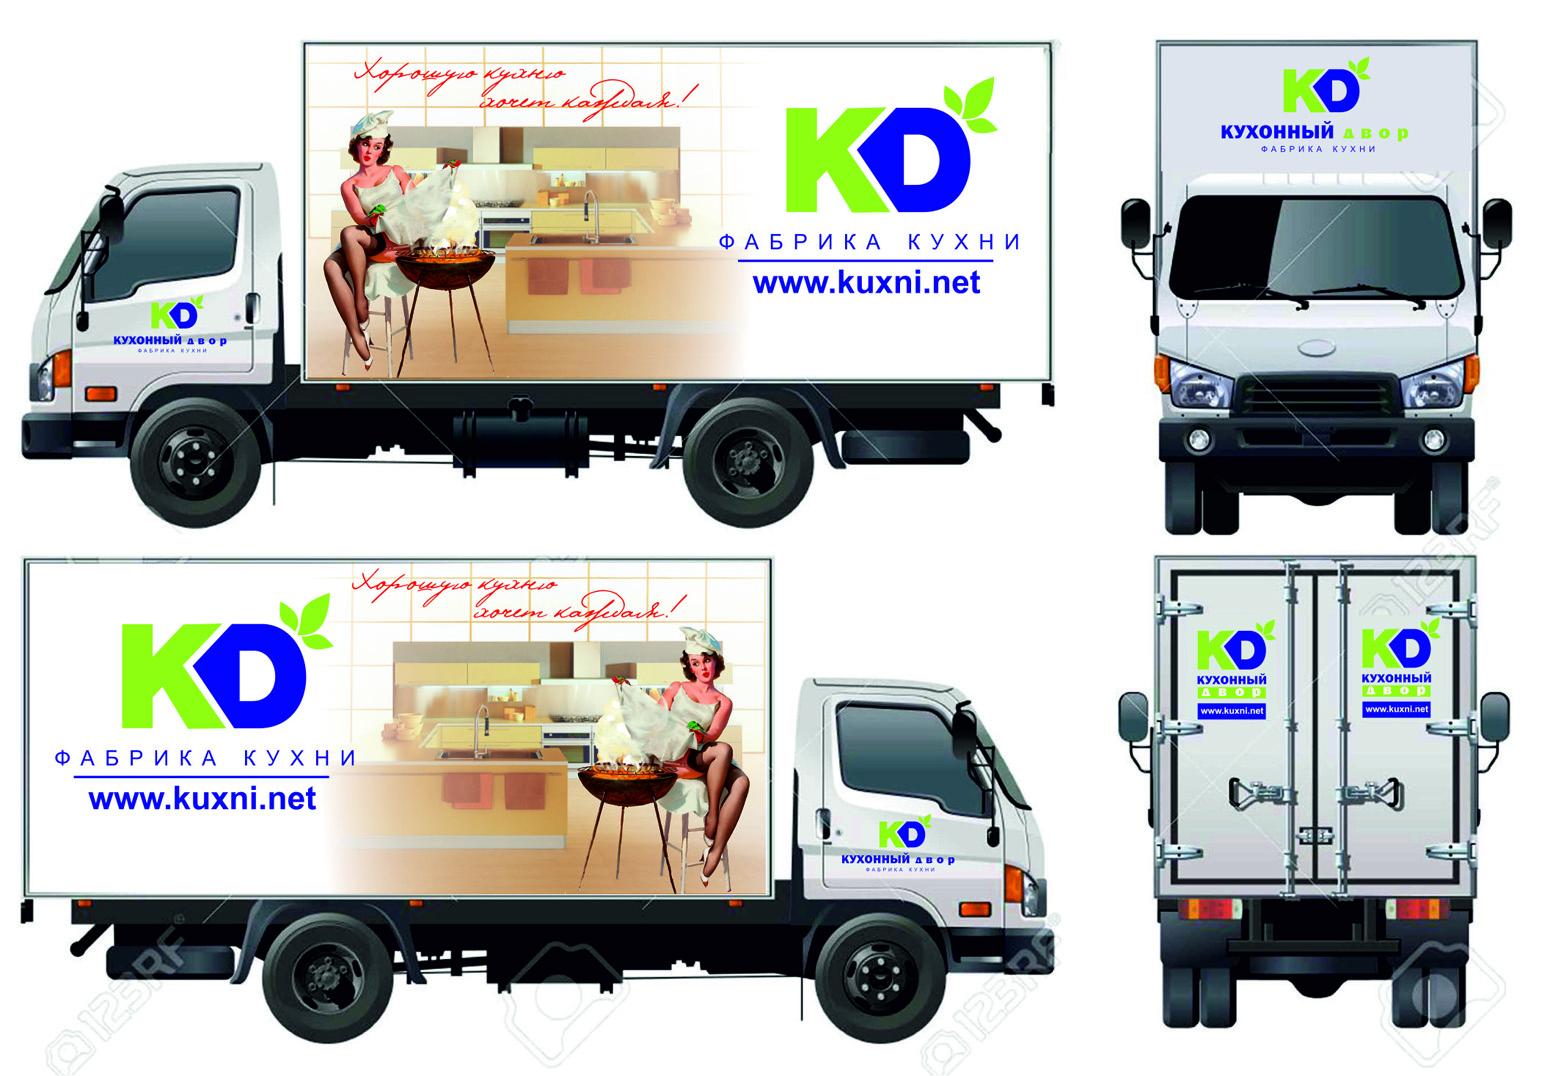 """Брендирование грузового авто для компании """"Кухонный двор"""" фото f_20559c129e077555.jpg"""